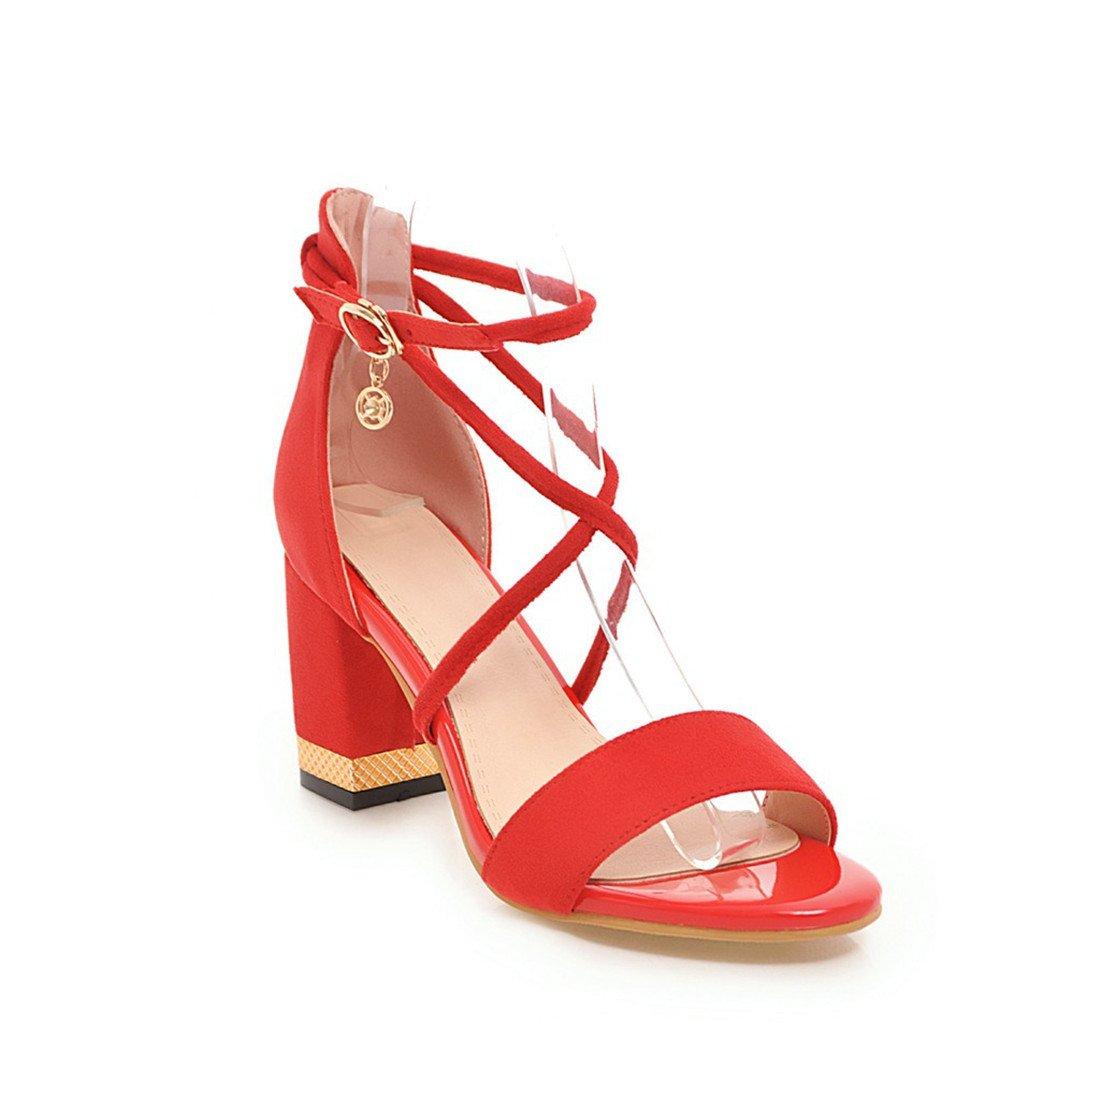 4cc7c46d 60% de descuento RFF-Zapatos de primavera, verano y otoño Verano Mujer  zapatos